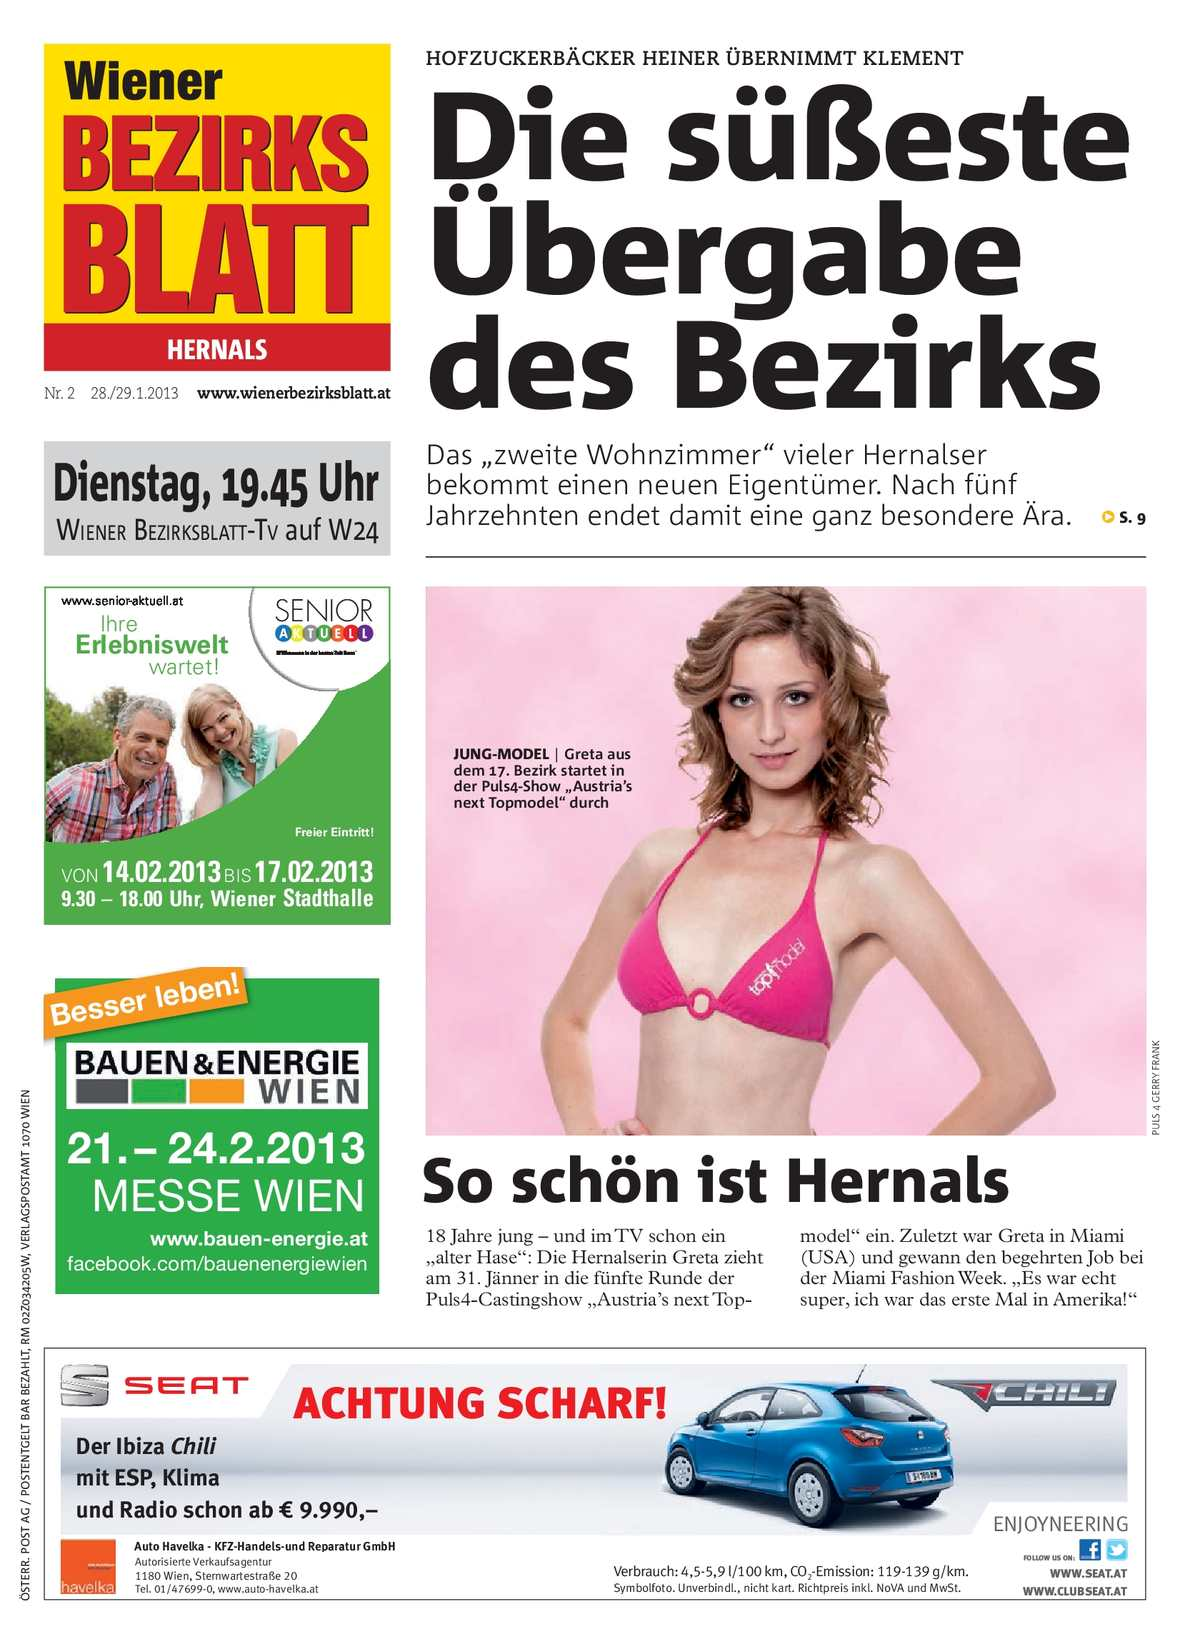 Haid kostenlos flirten. Weibliche singles in judenburg